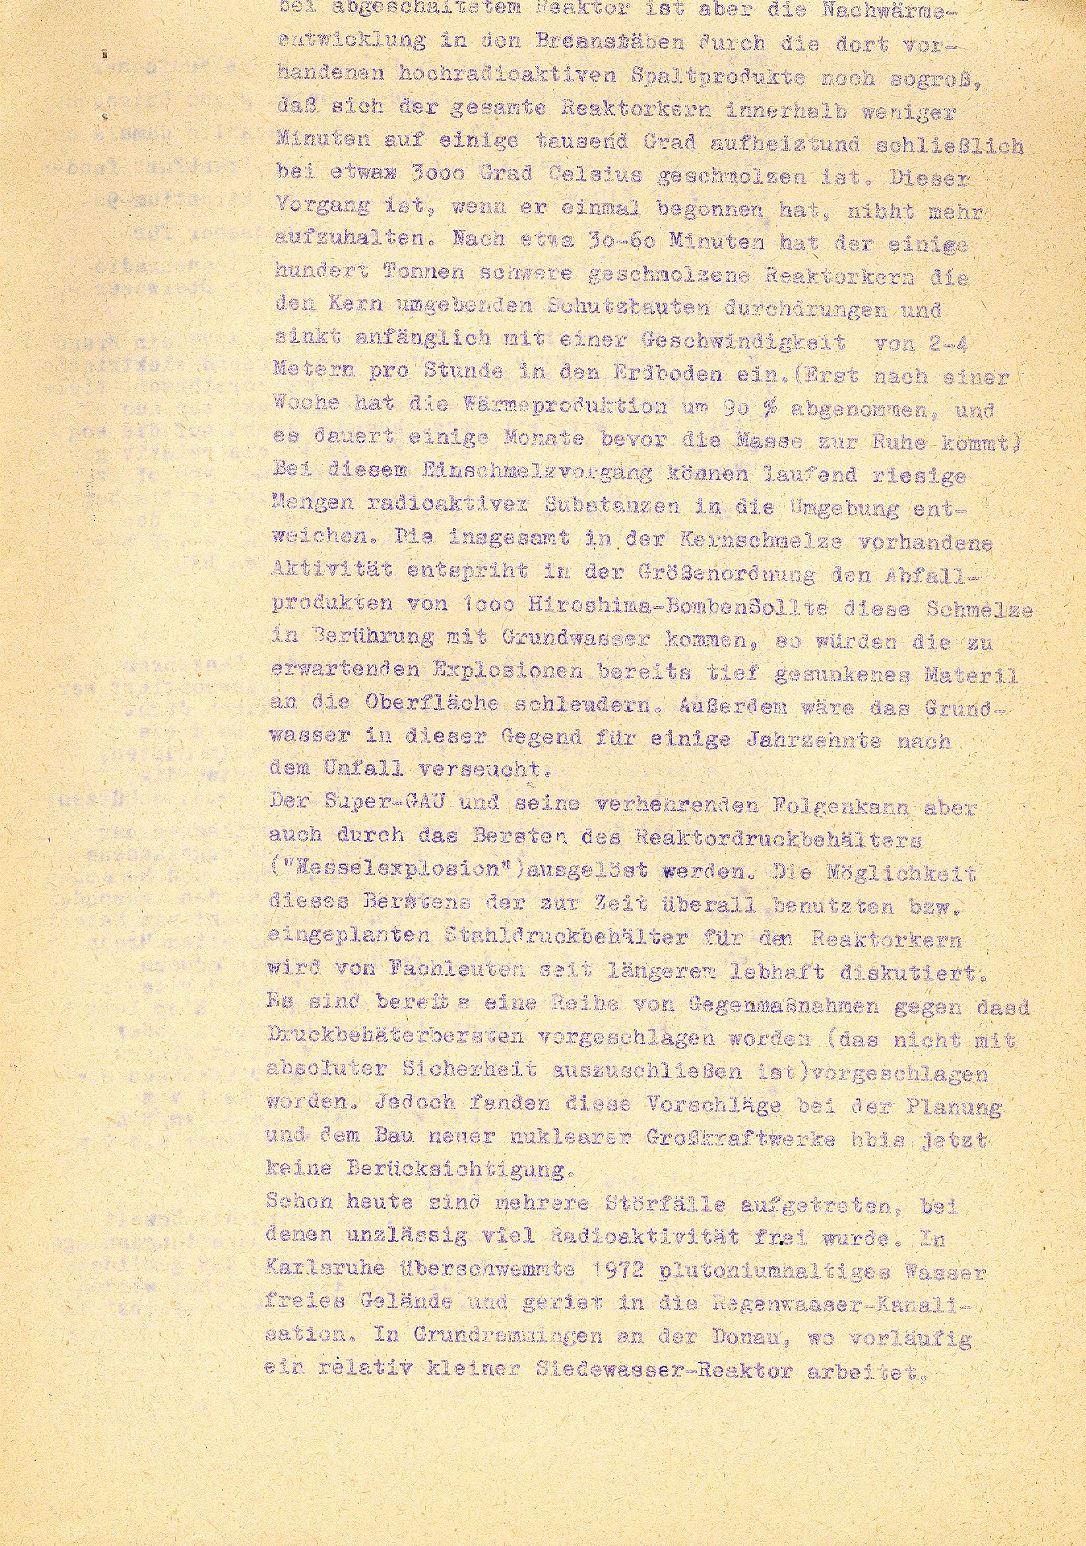 Hamburg_AKW493